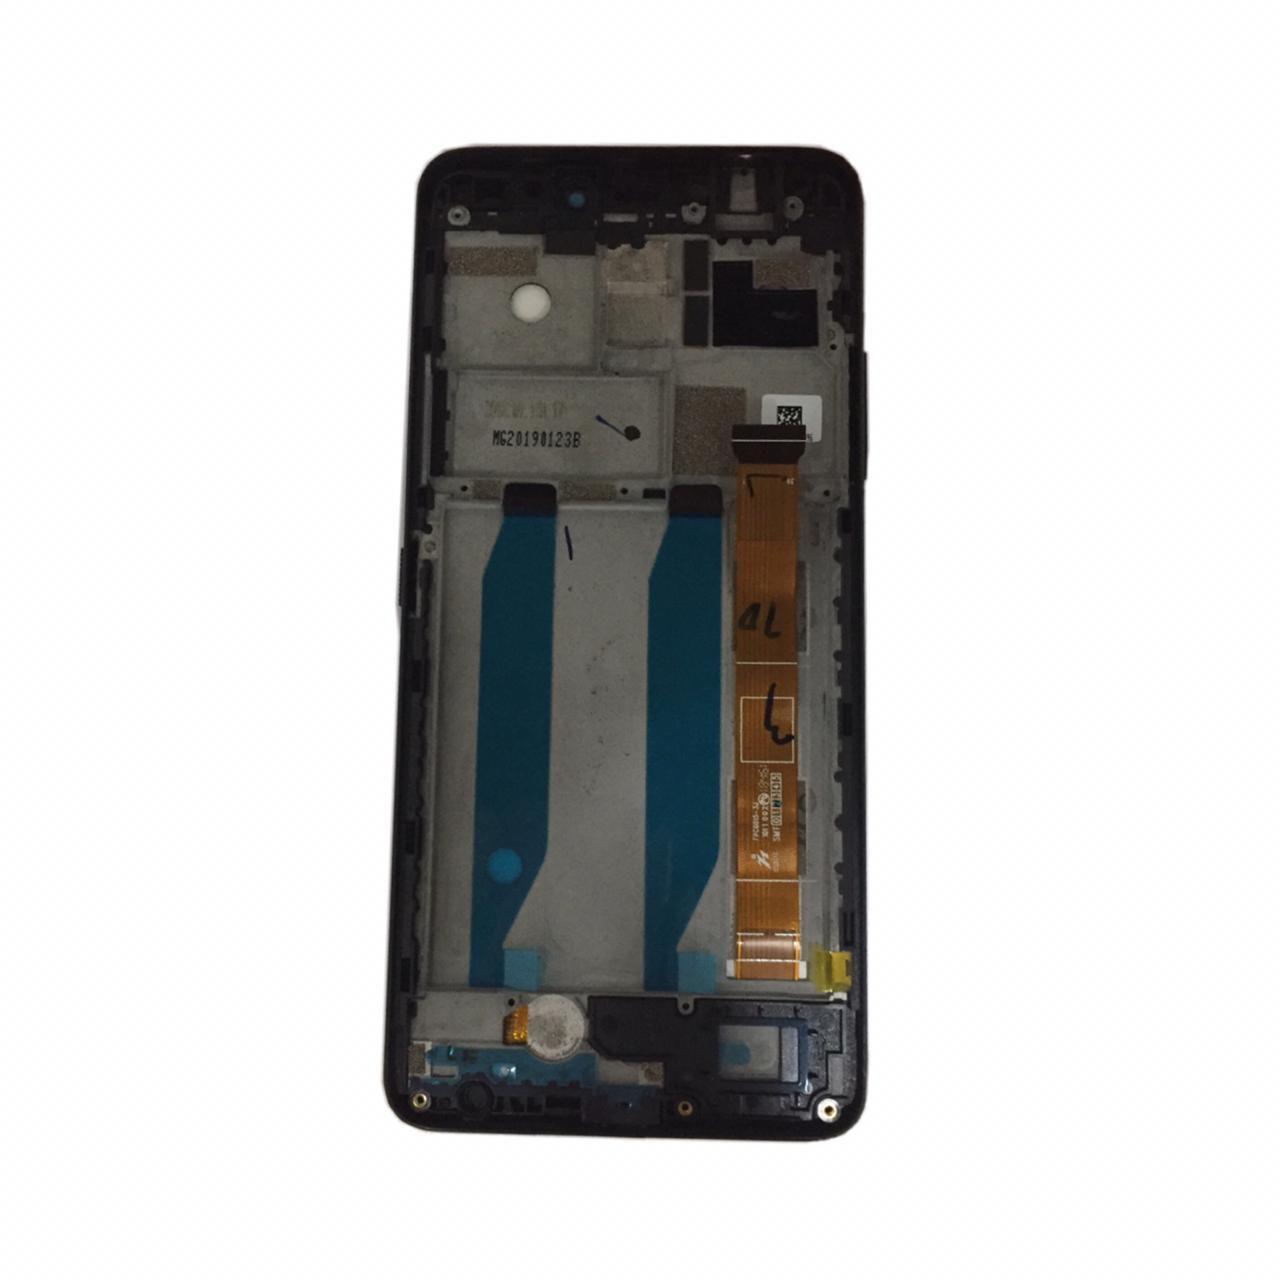 MODULO TOUCH + LCD PRETO 5199 TCL C9